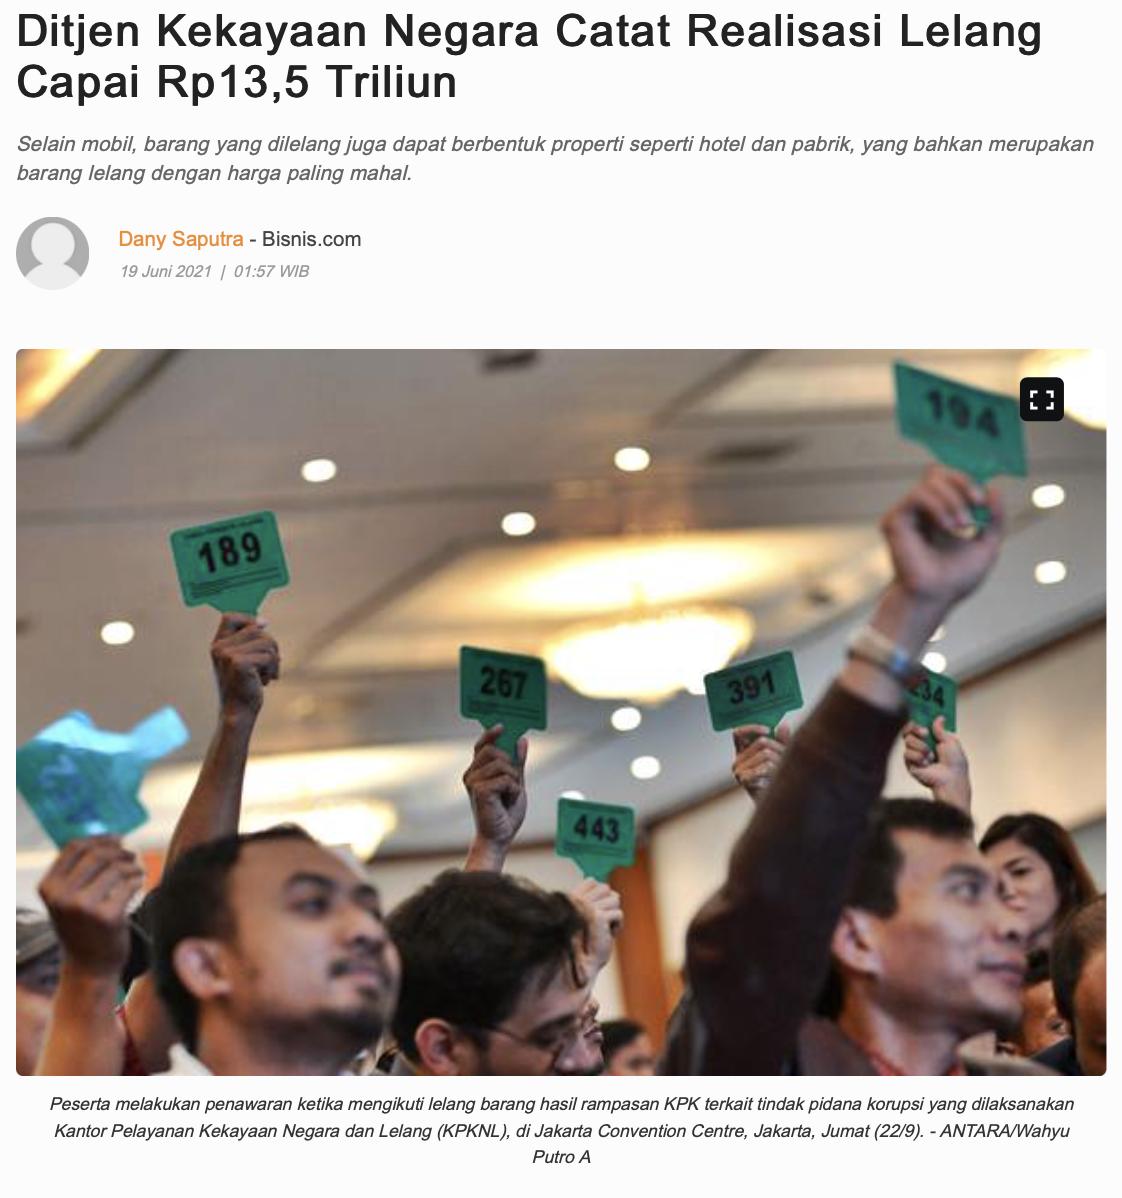 Ditjen Kekayaan Negara Catat Realisasi Lelang Capai Rp13,5 Triliun